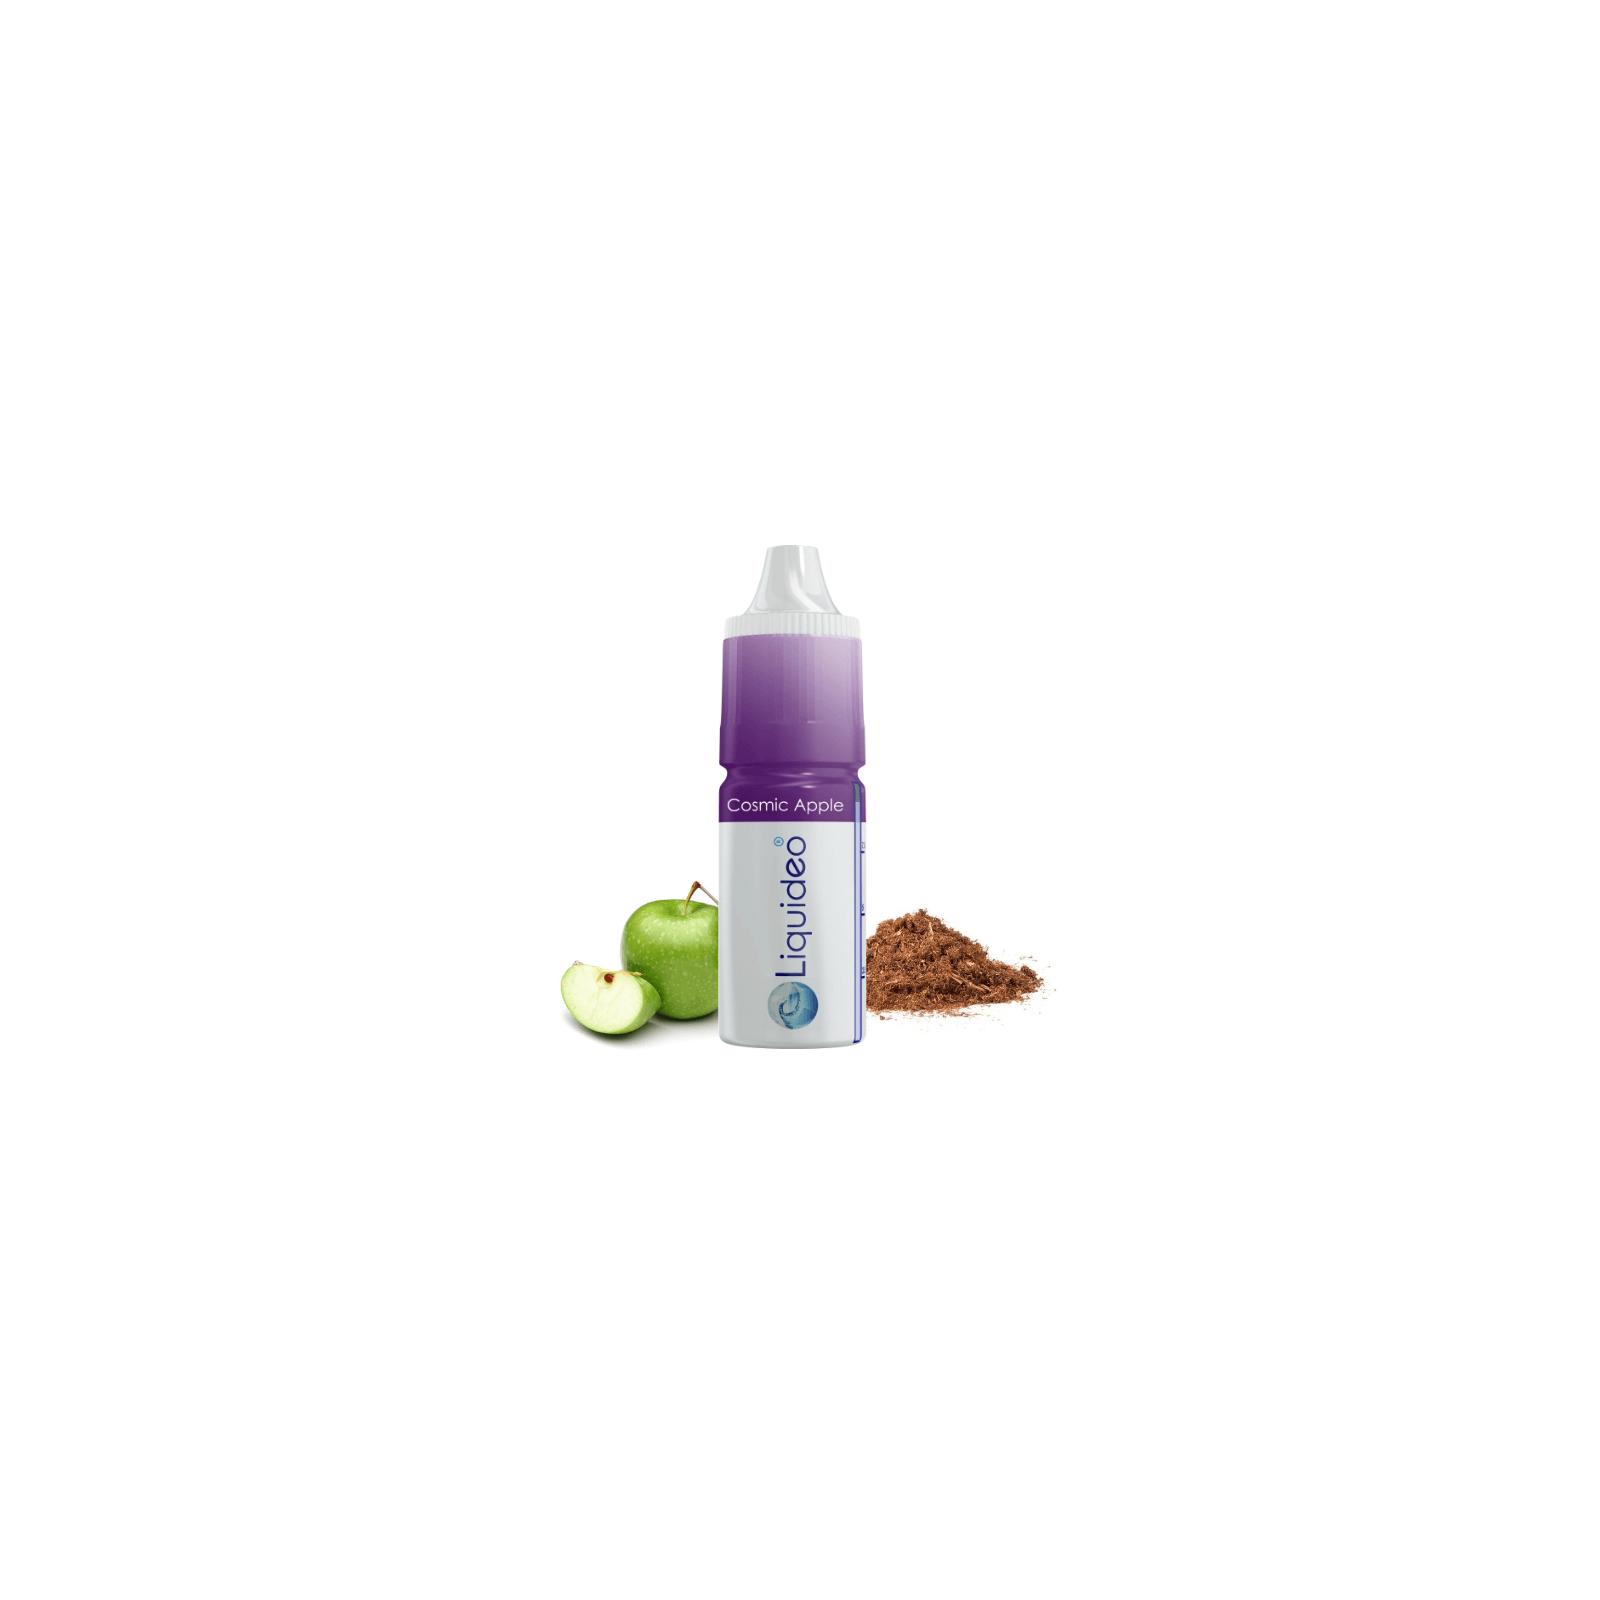 Cosmic Apple - LIQUIDEO